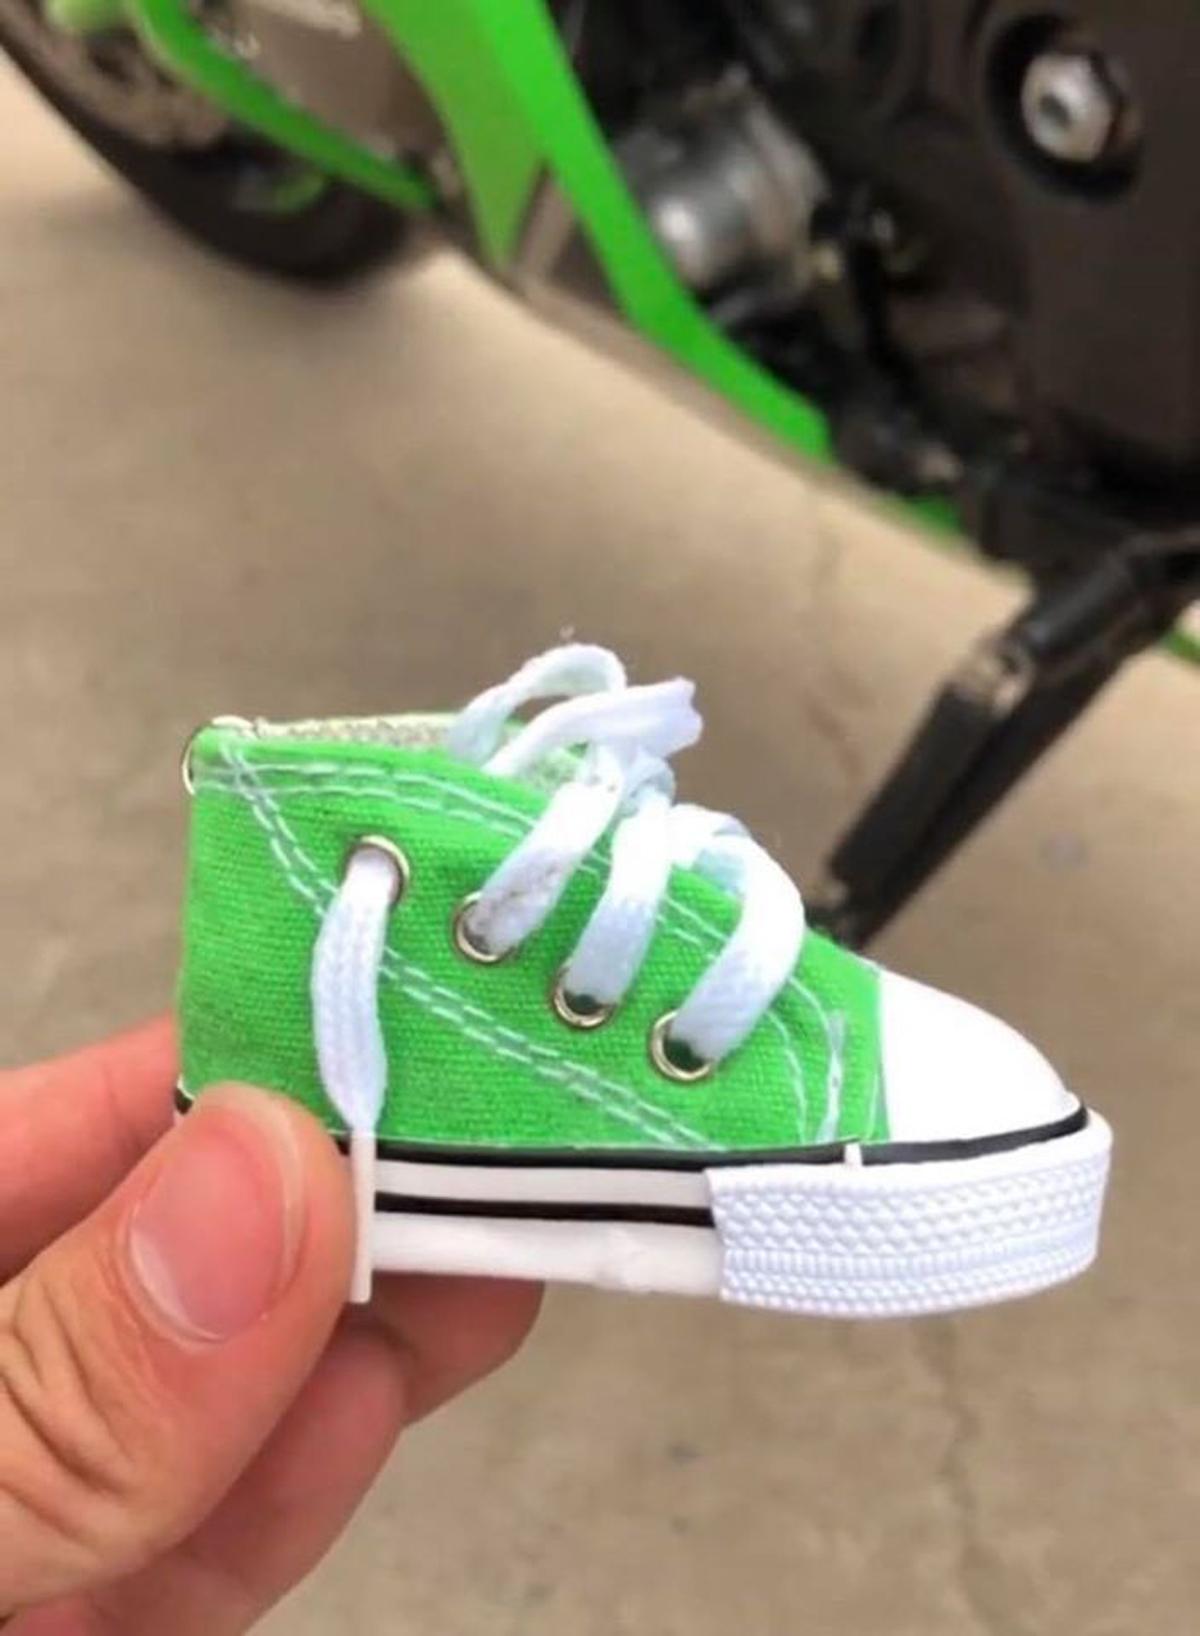 Chân chống xe được mang giày cá tính